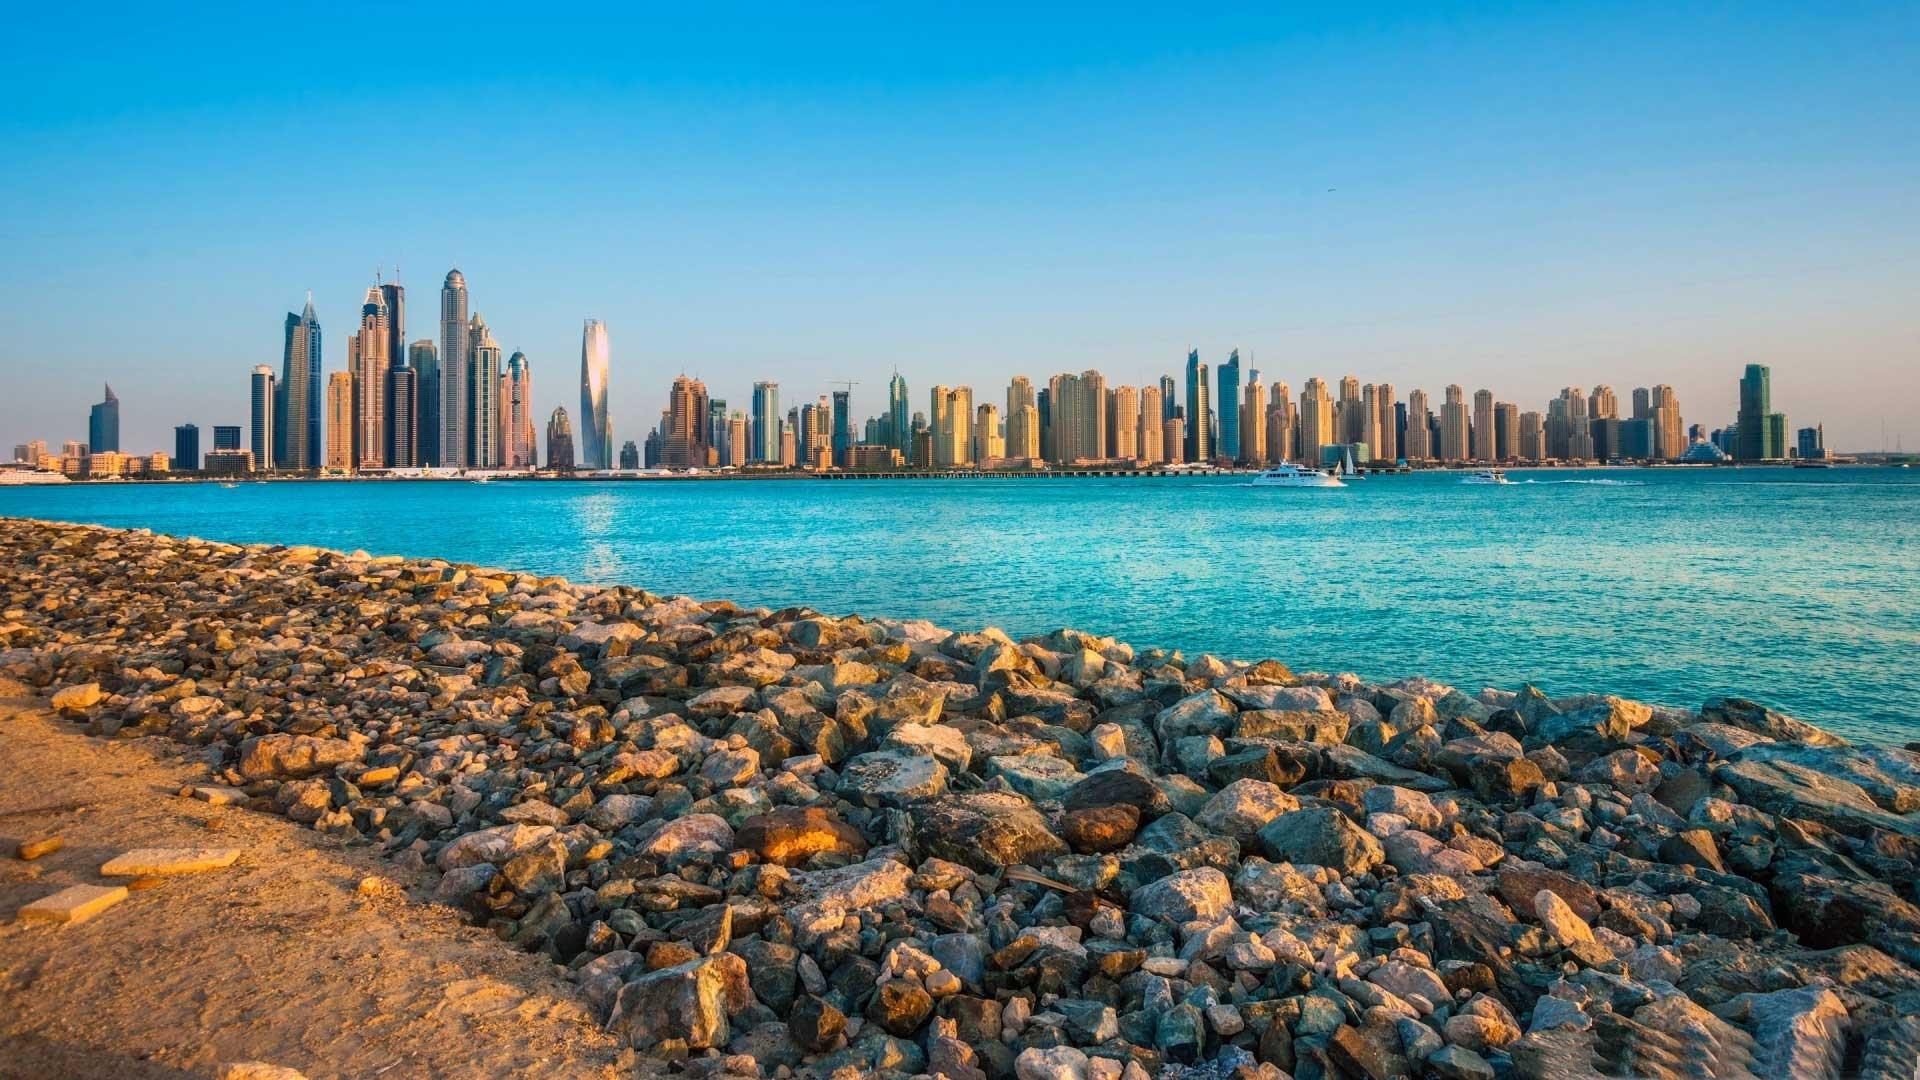 Dubai Wallpaper Theme